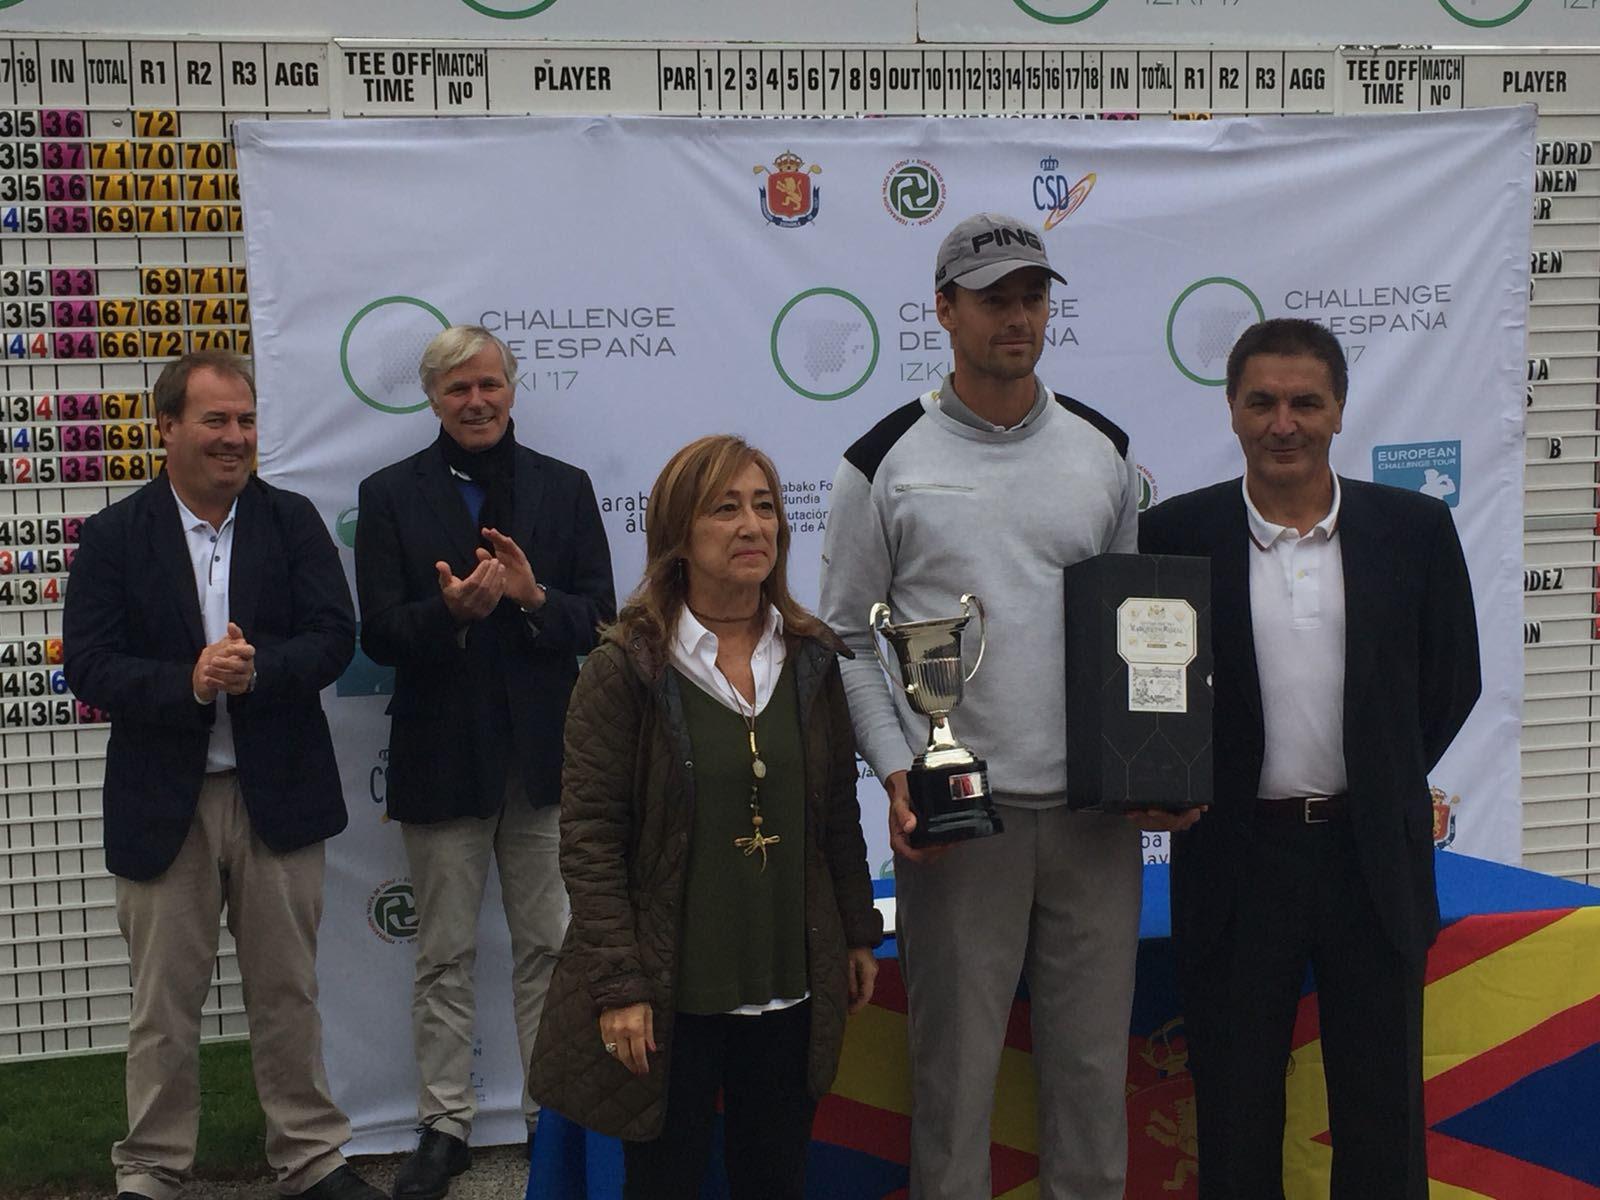 Victor Perez recibe el trofeo de campeón en Izki Golf.